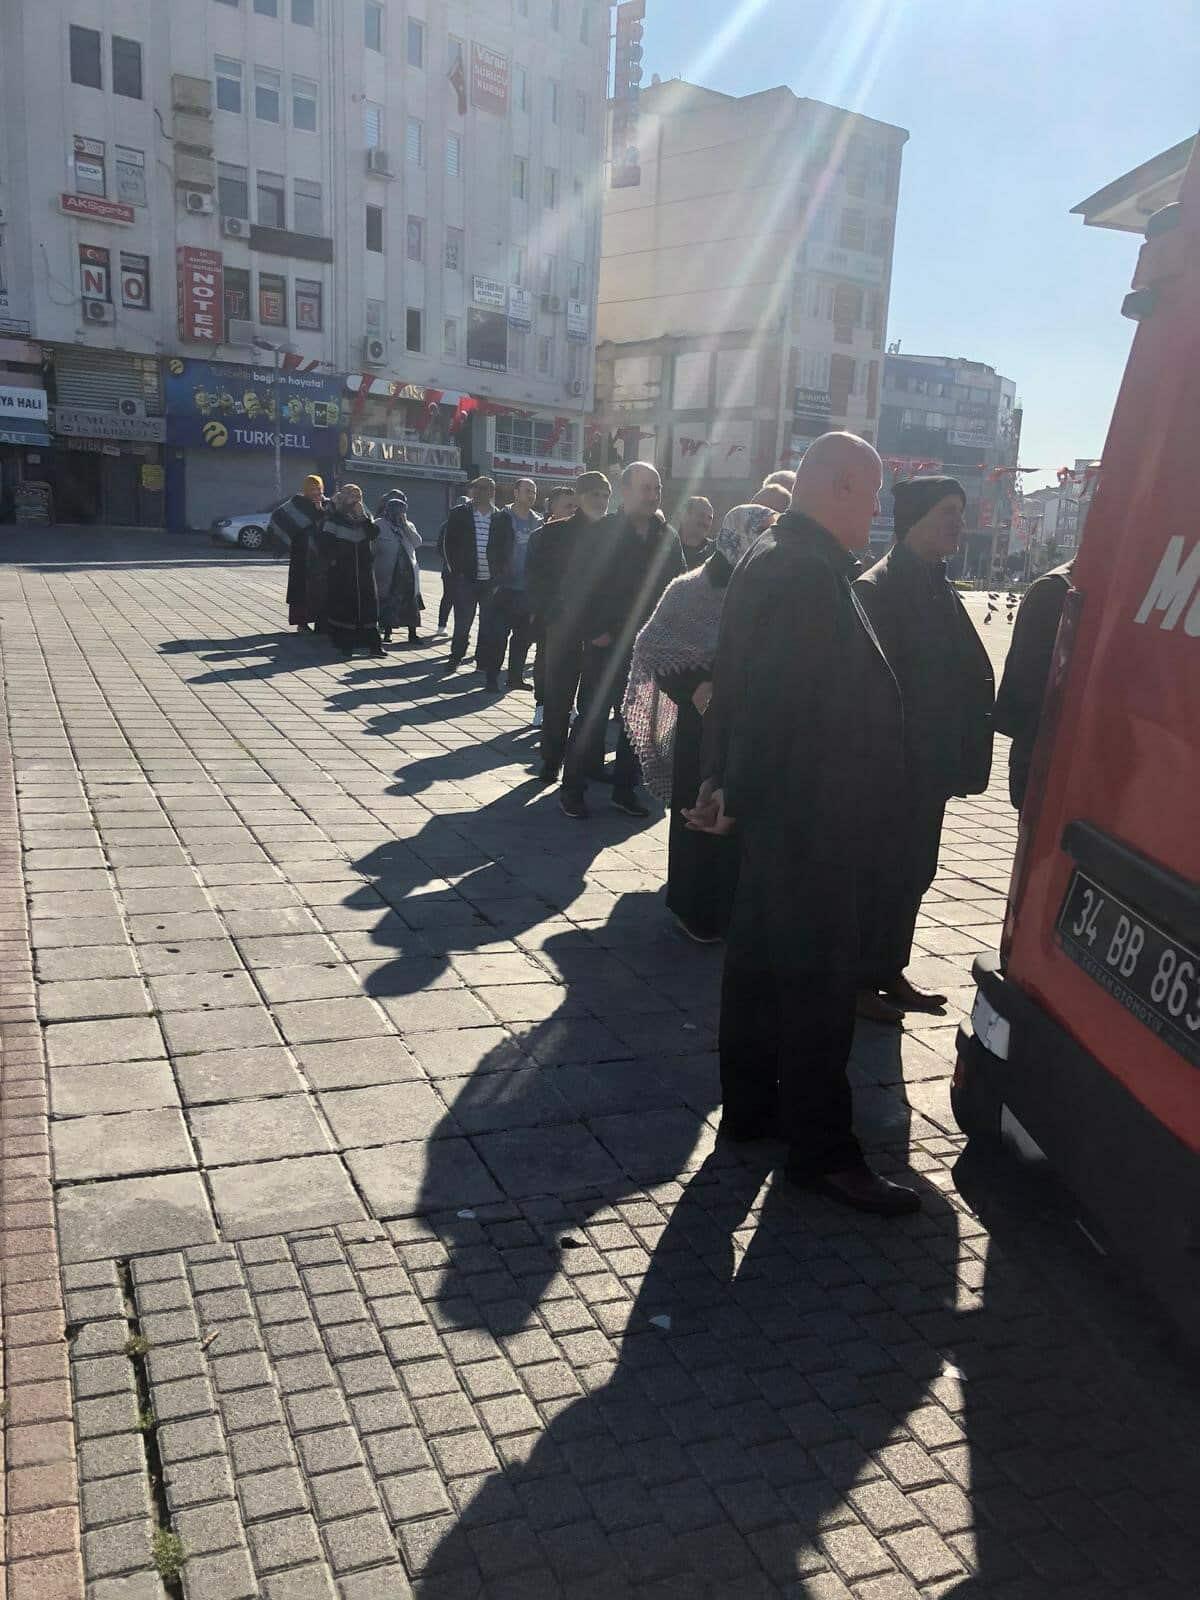 Mobil büfe önünde vatandaşlar tek sıra oluşturdu. Benzer bir manzaraŞirinevler Meydanı'nda oluştu.